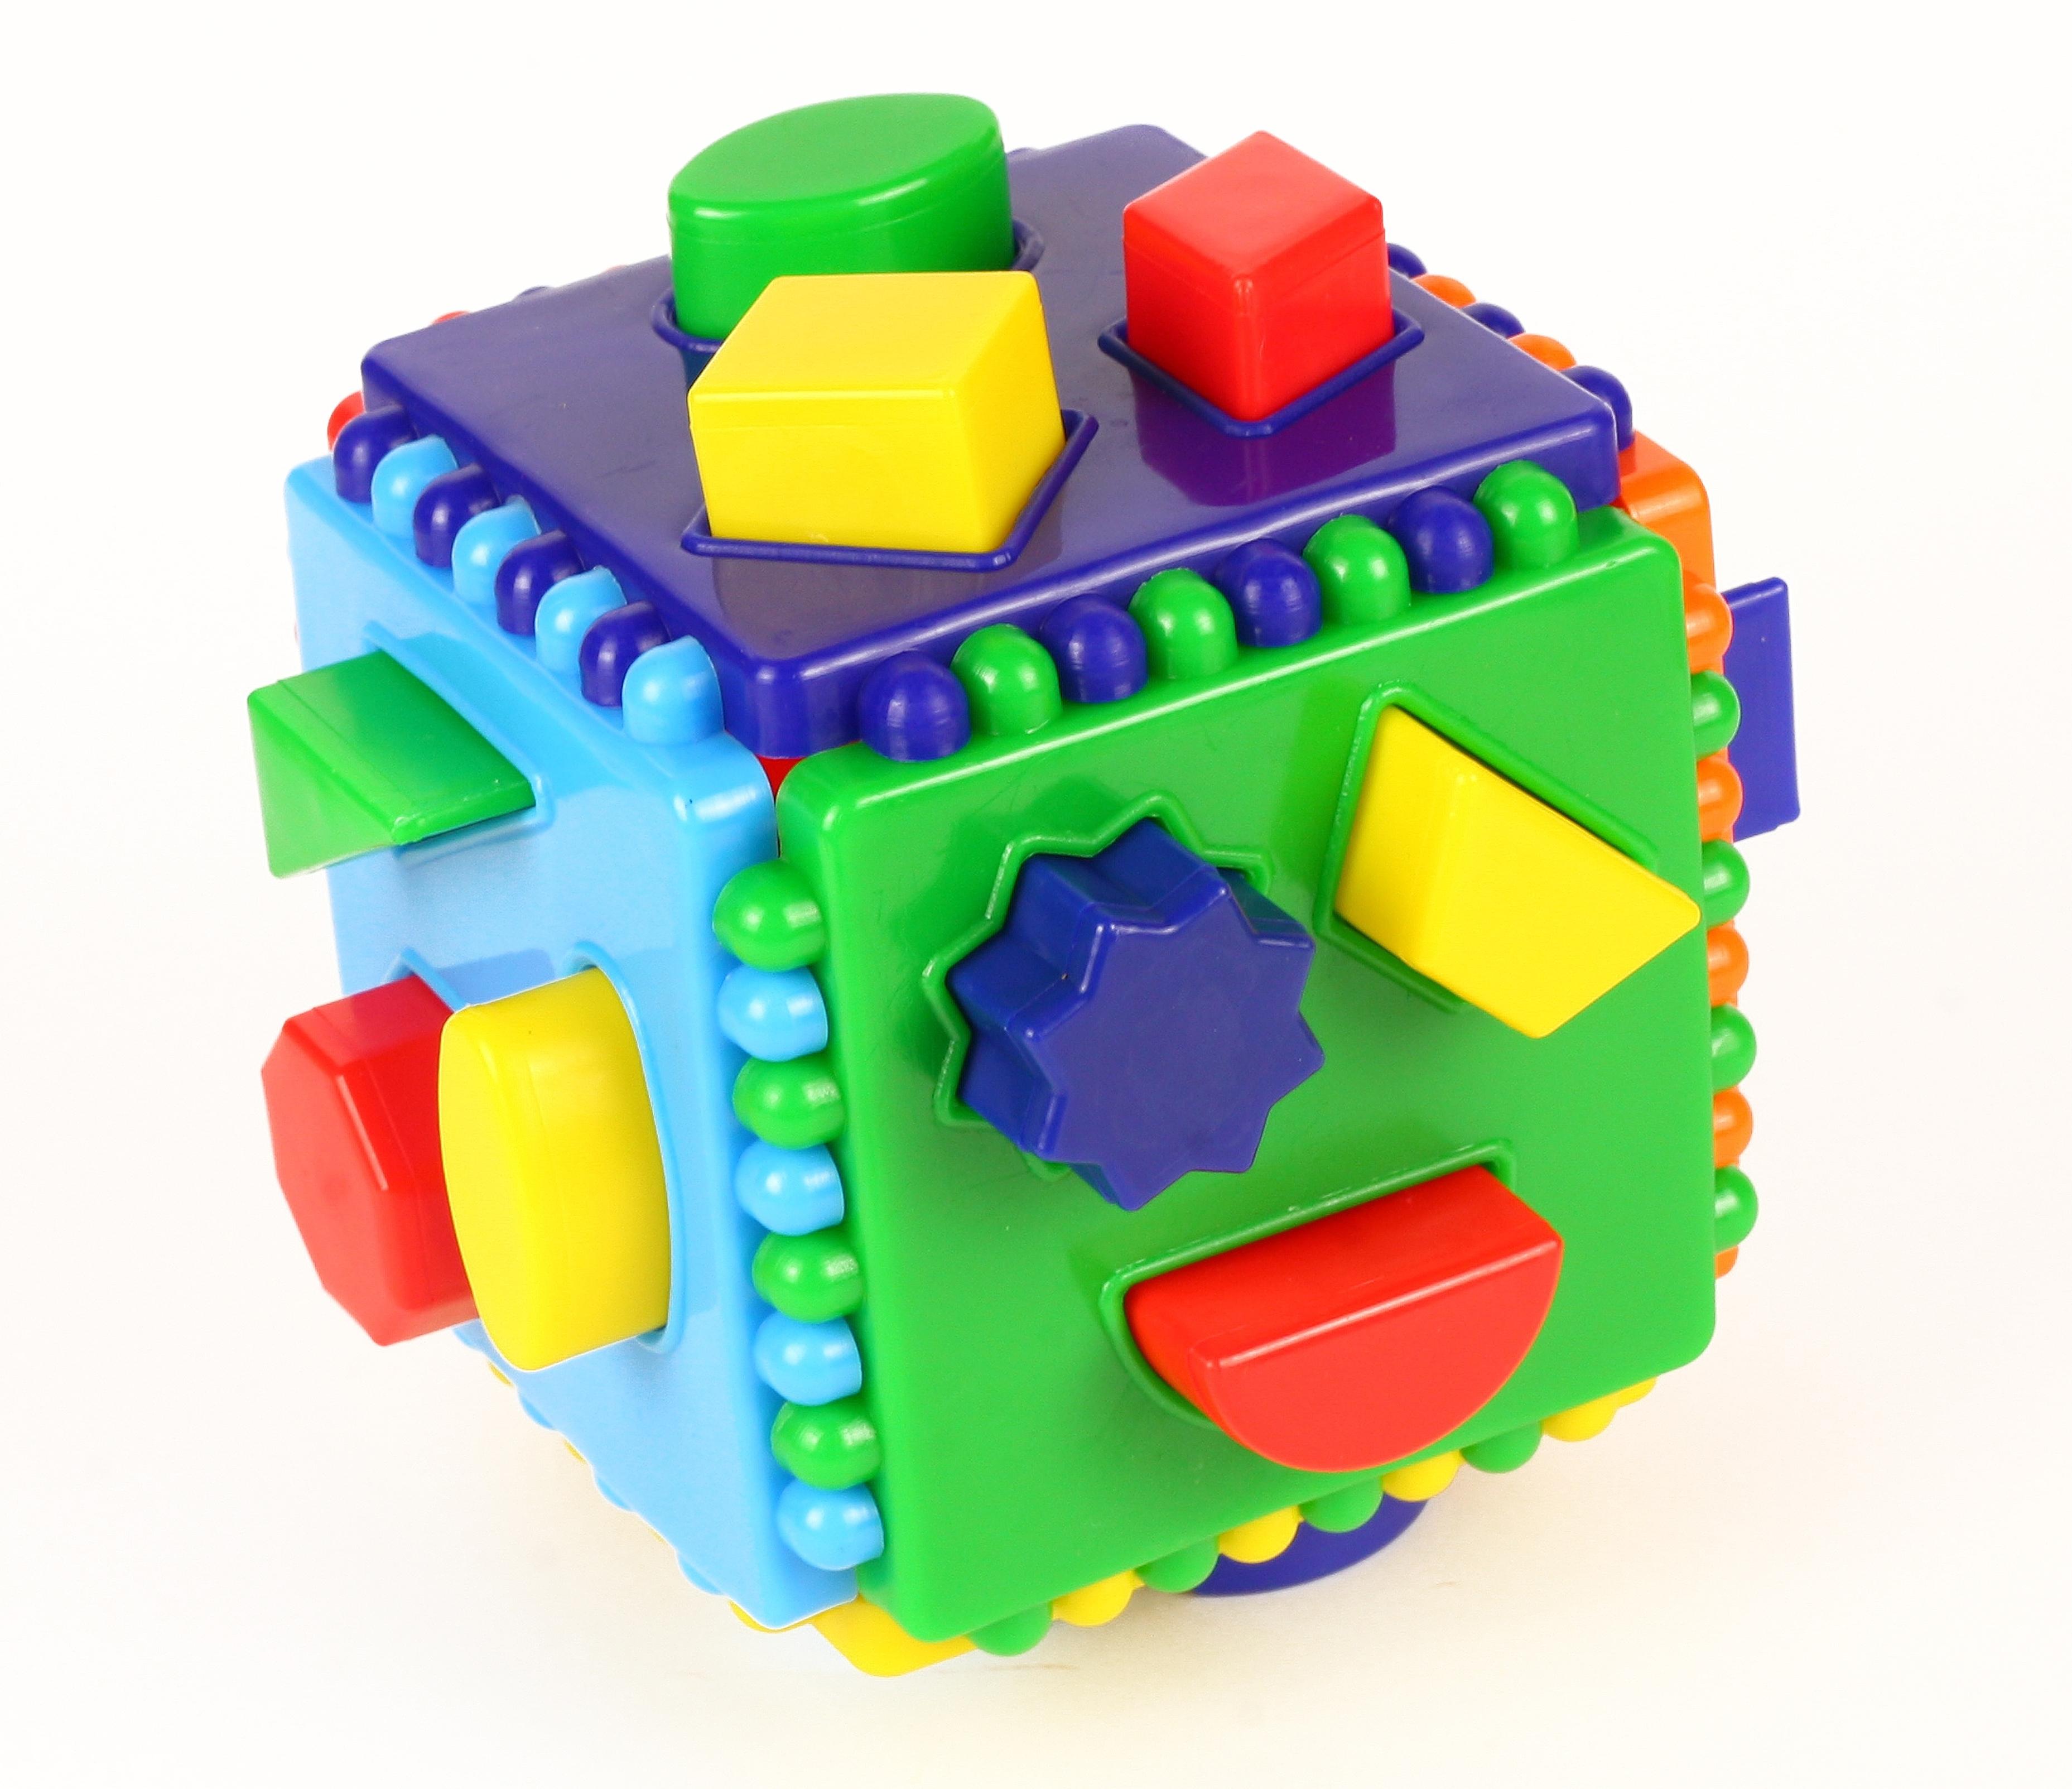 Логический куб со вставными деталями (Построй фигурки) арт.7090 - Необходимо подобрать для каждой фигурки отверстие в грани куба. Если фигурка подобрана правильно, она вставится в отверстие. Всего 18 фигурок. На каждой грани куба по 3 отверстия.